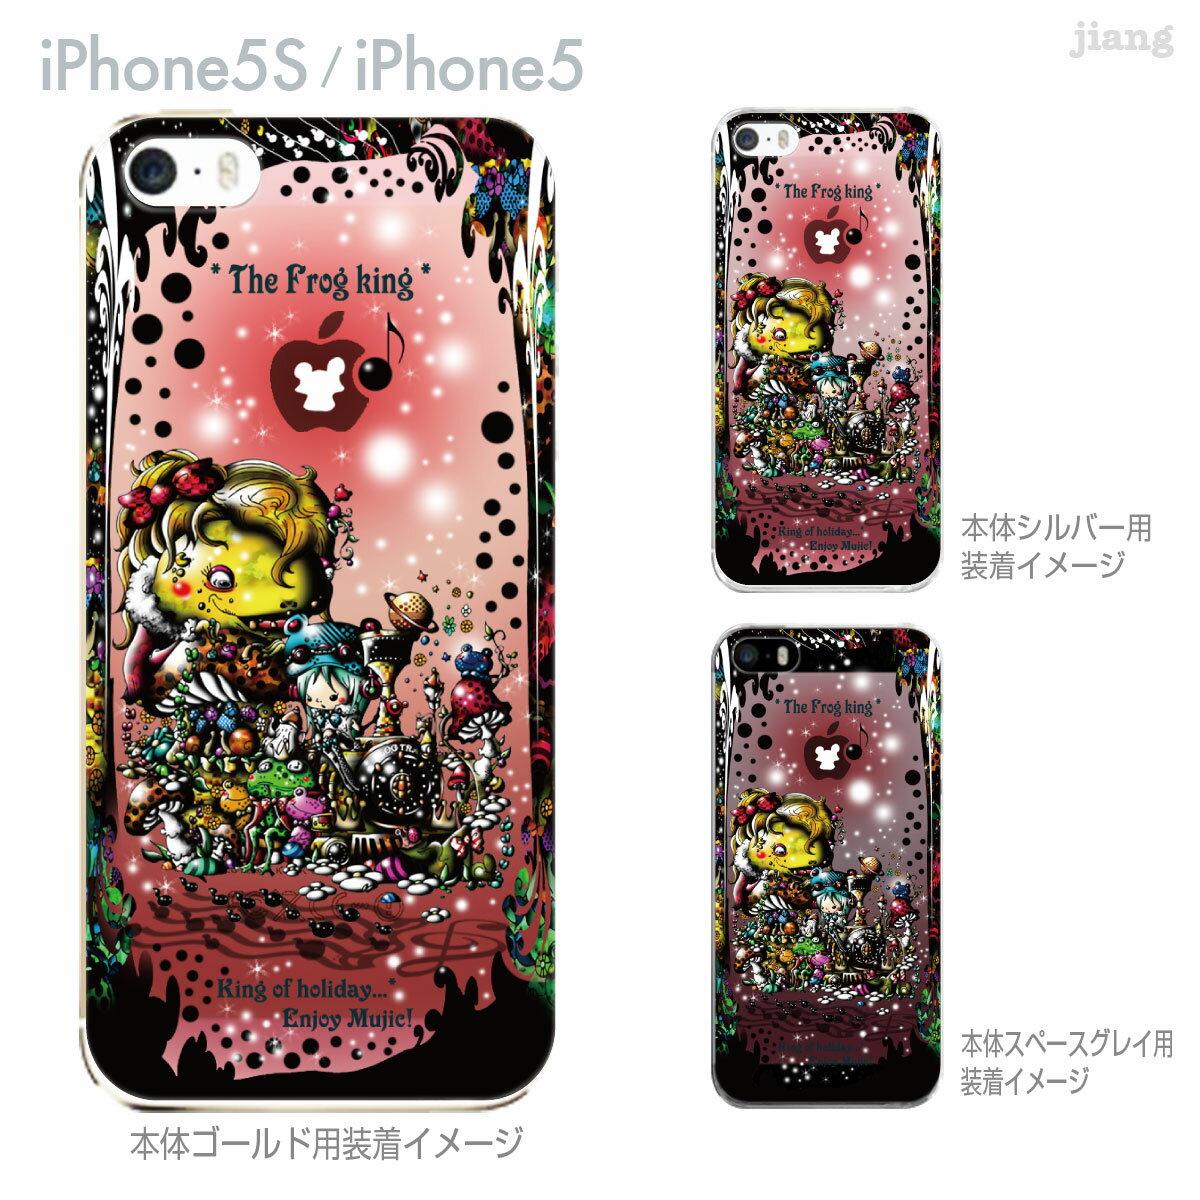 【iPhone5s】【iPhone5】【Little World】【iPhone5ケース】【カバー】【スマホケース】【クリアケース】【イラスト】【グリム童話】【かえるの王様】 25-ip5s-am0098